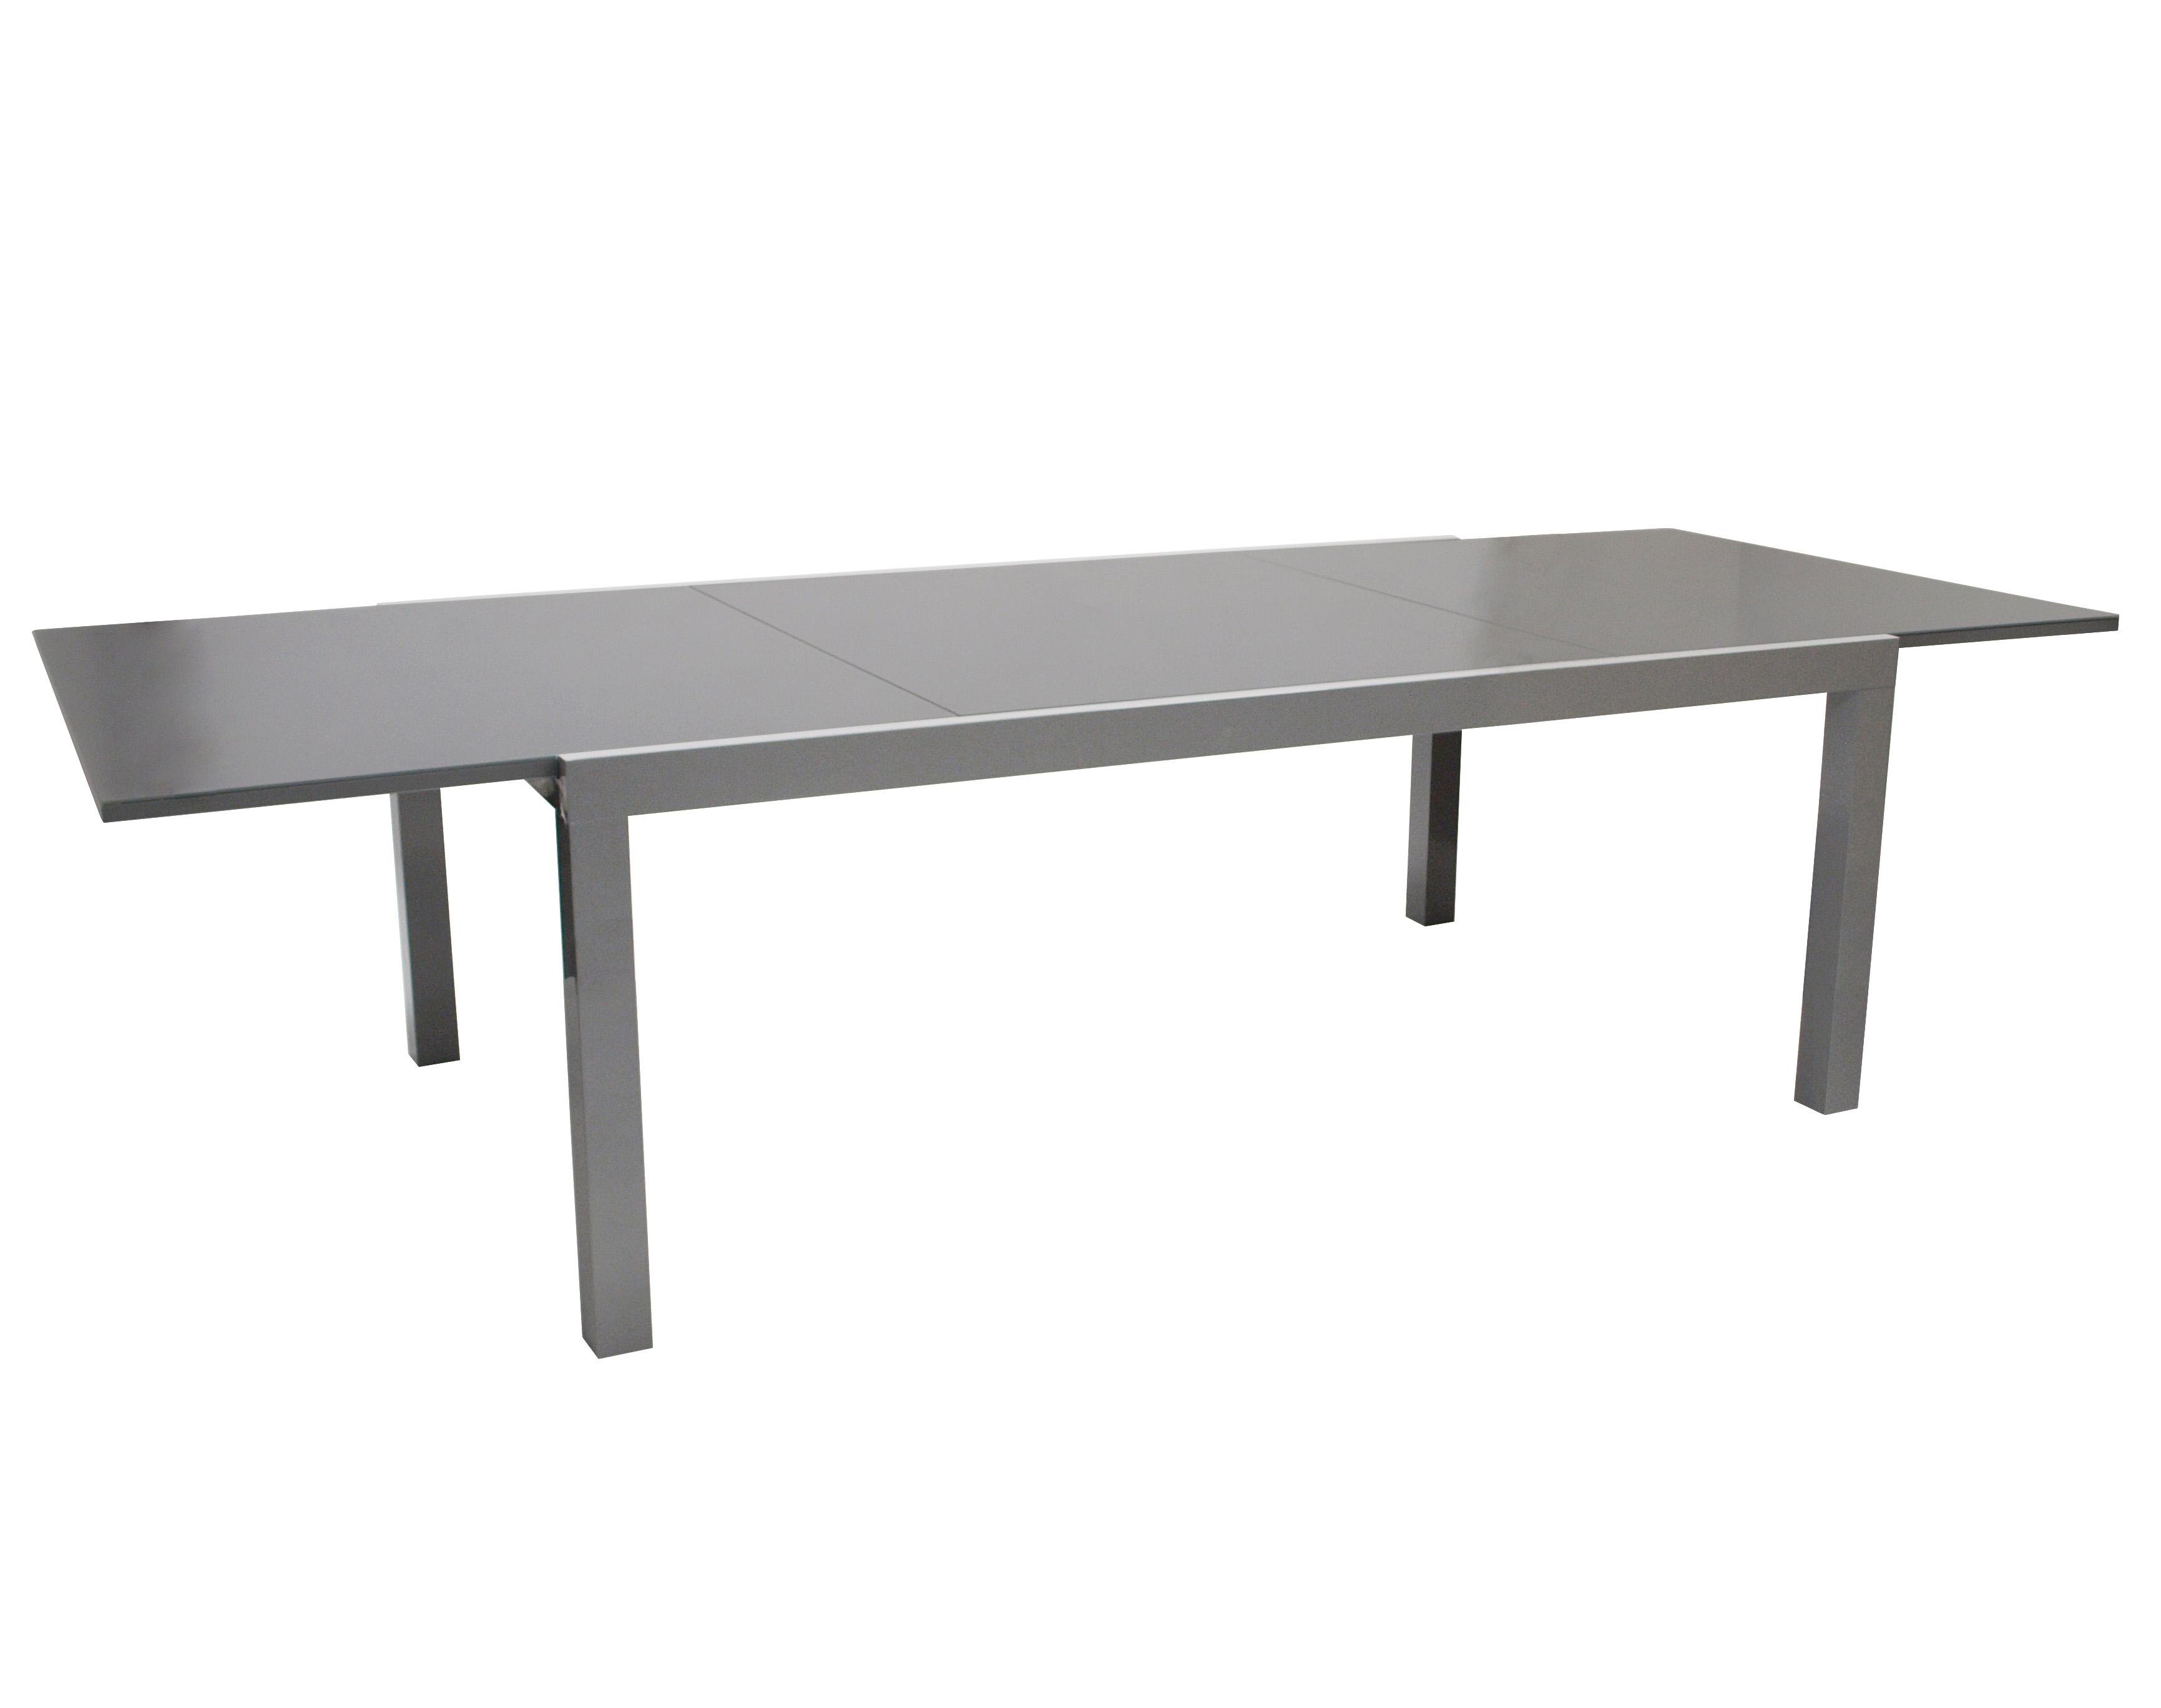 gartentisch ausziehtisch gartenm bel tisch glastisch marina alu glas 300x110cm ebay. Black Bedroom Furniture Sets. Home Design Ideas